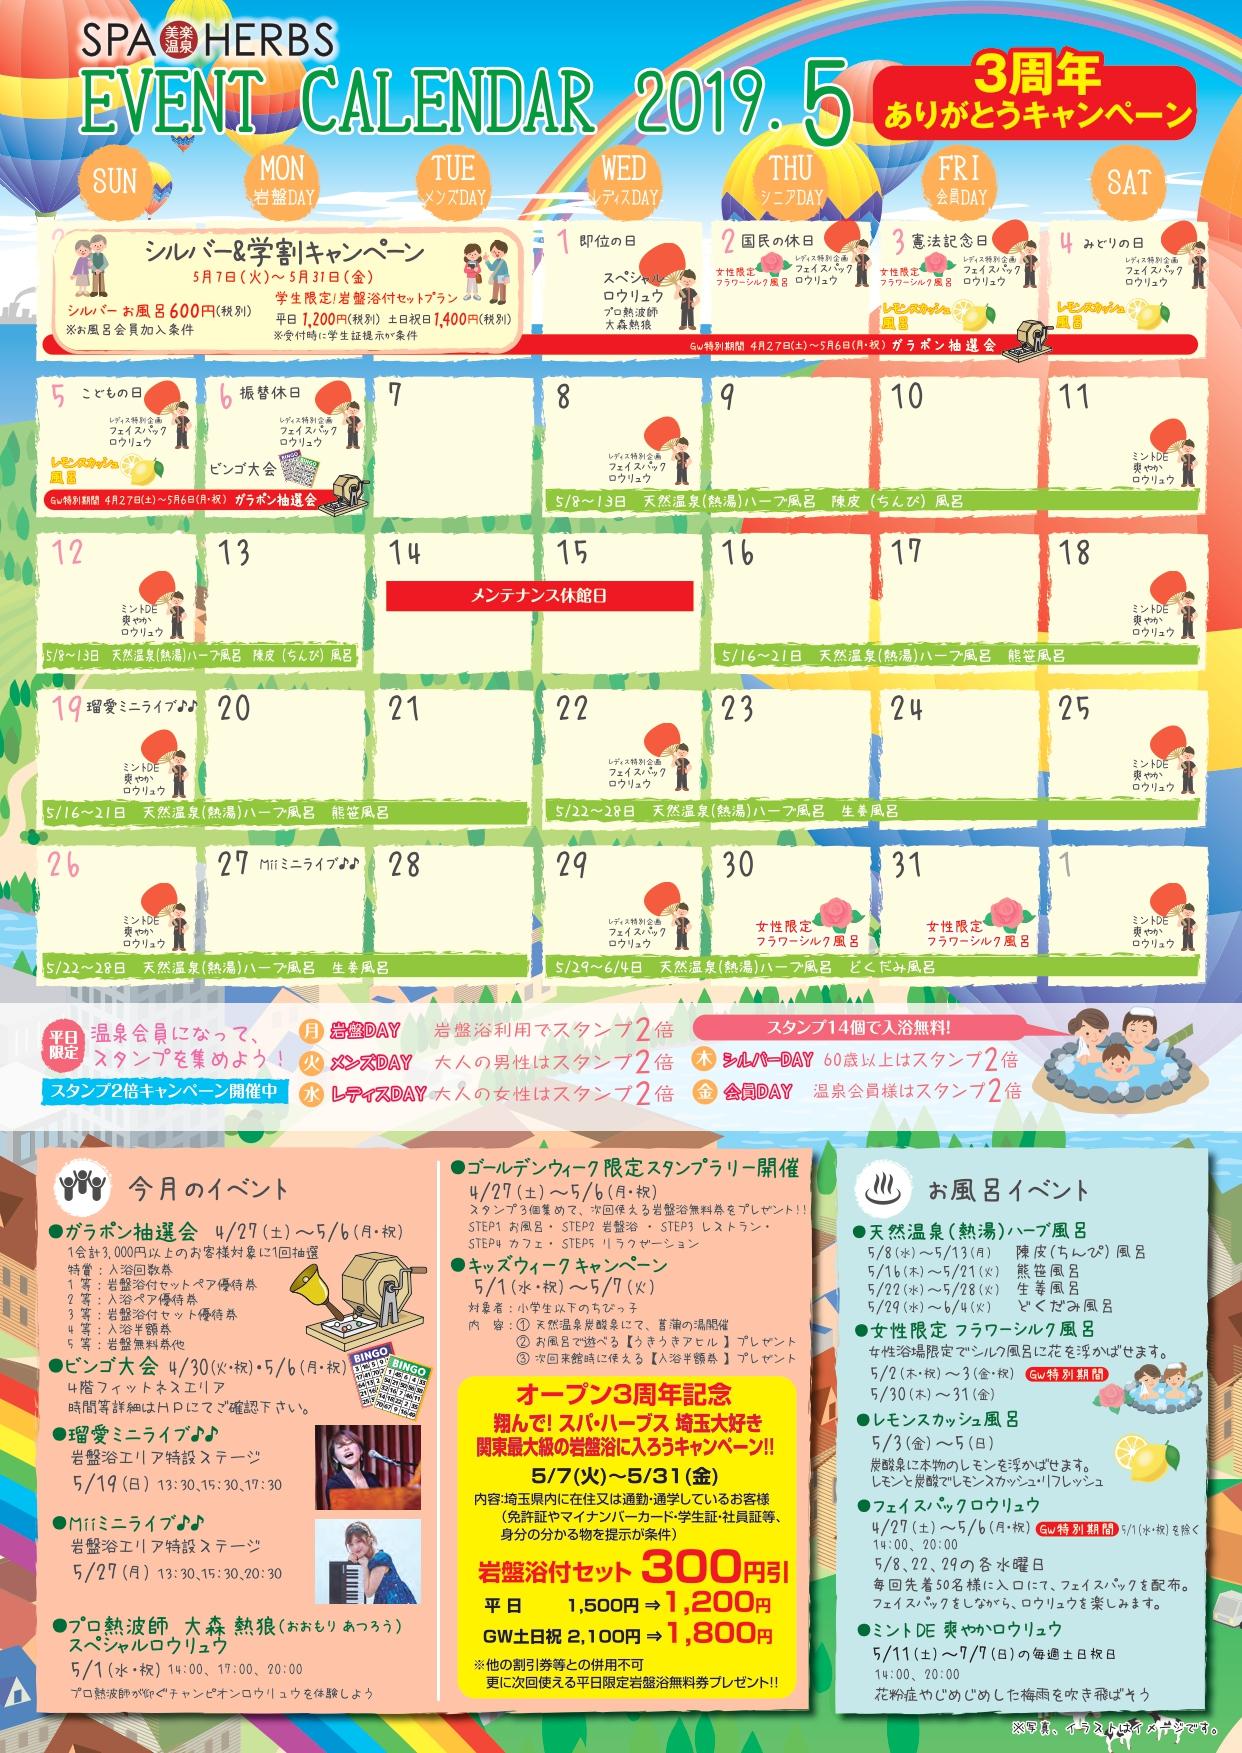 5月度イベントカレンダー